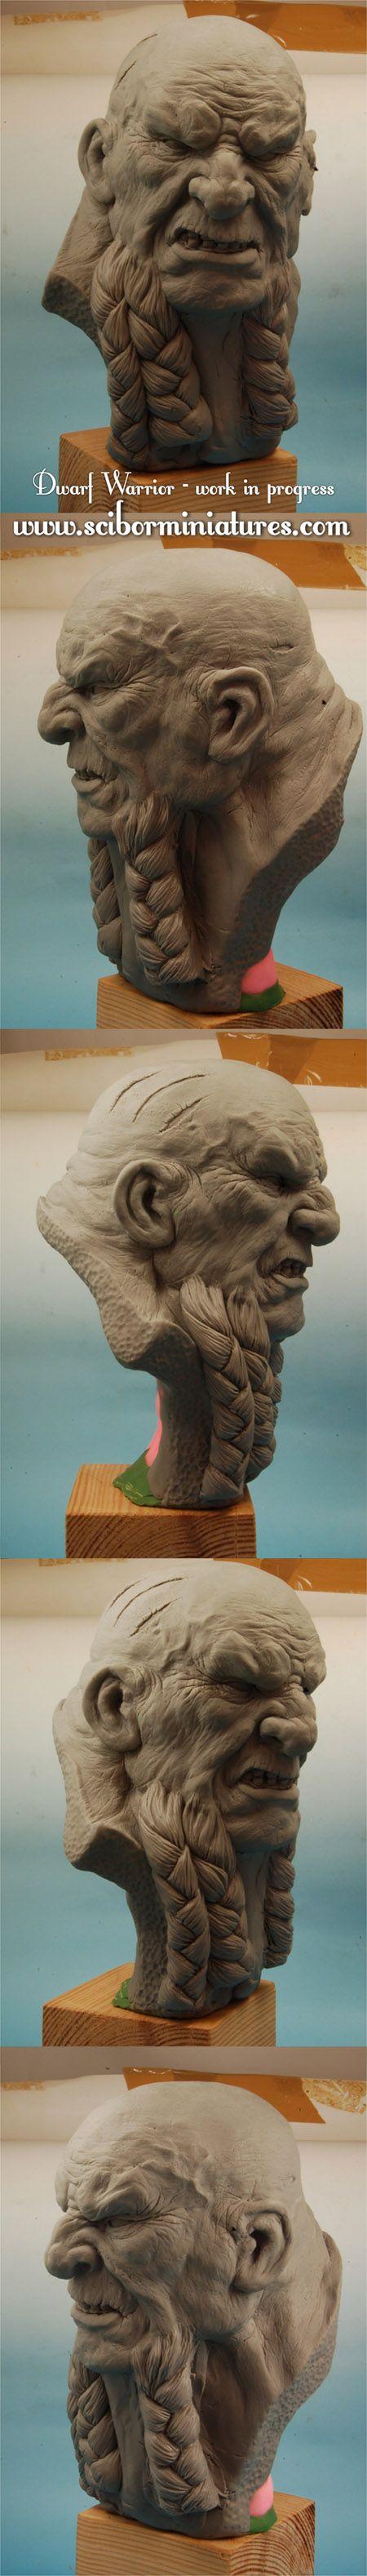 Dwarf Warrior bust - work in progress